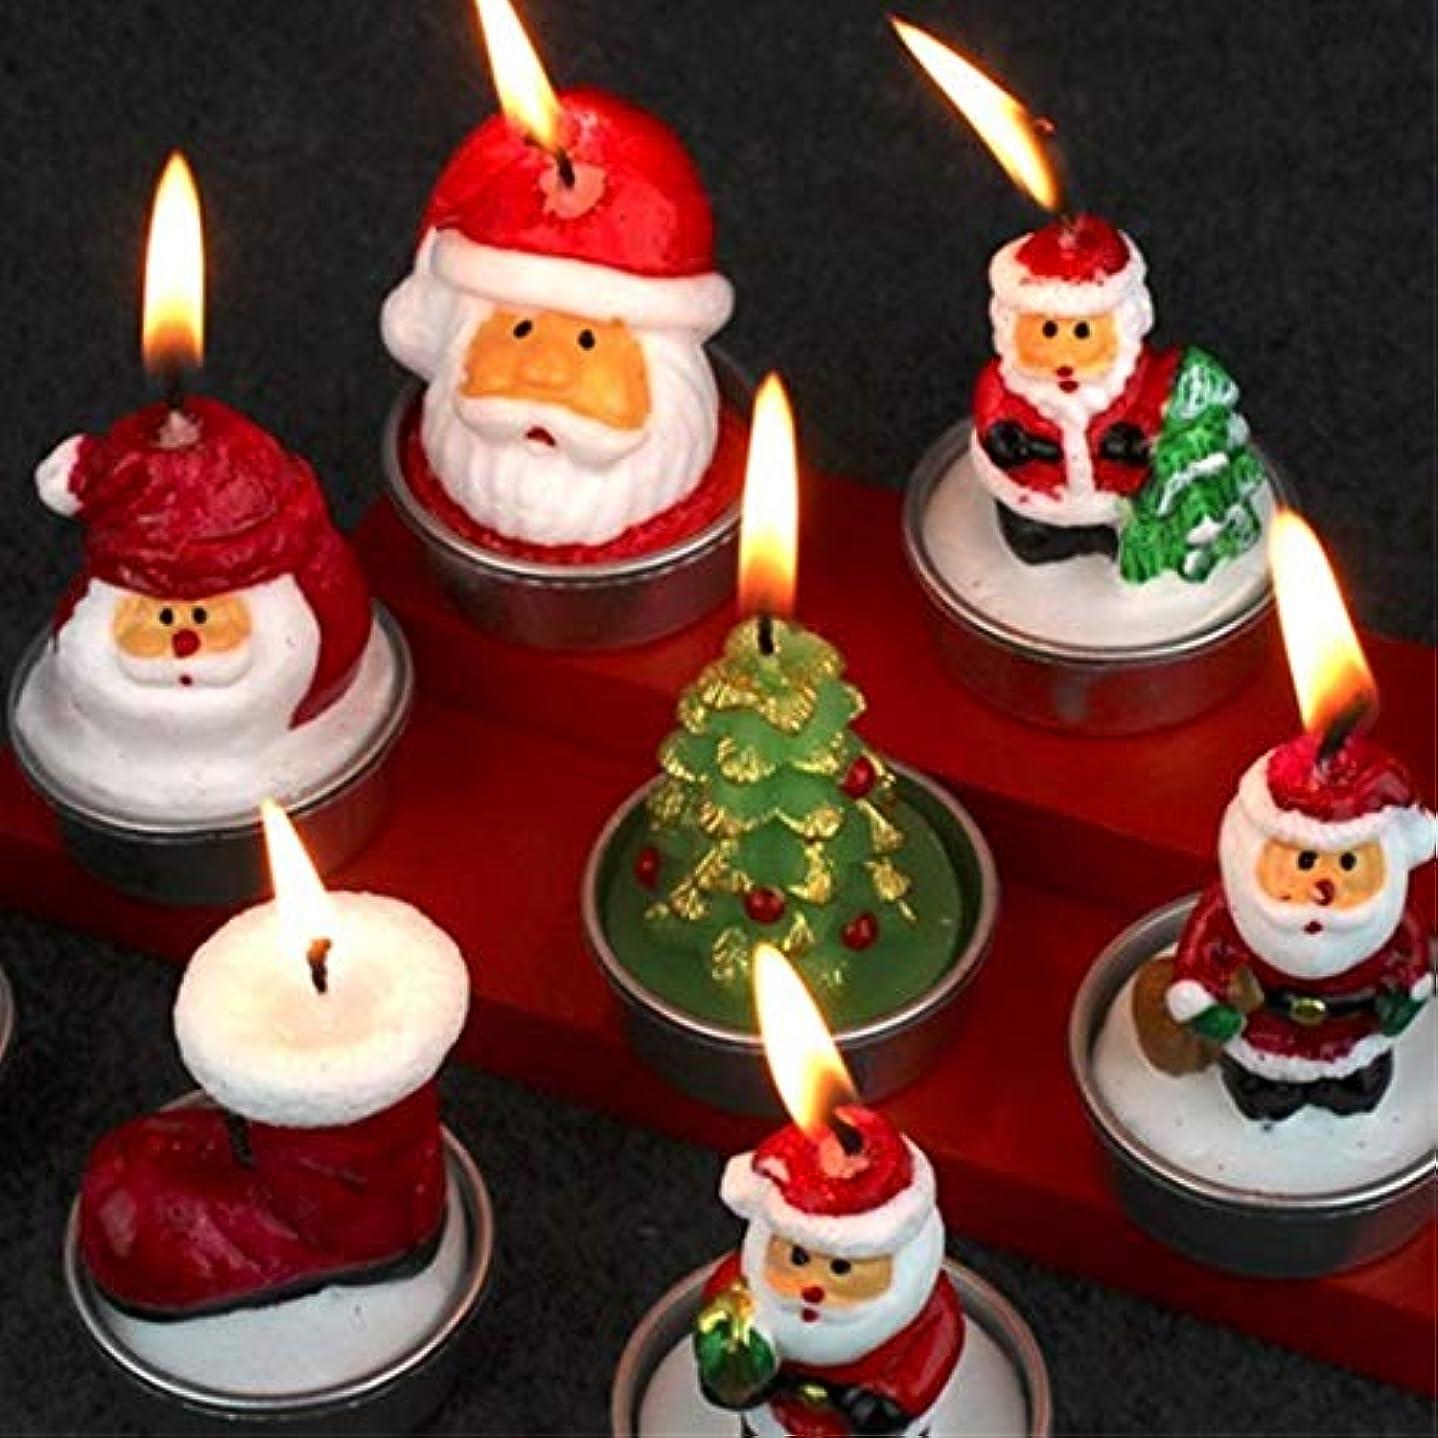 マーベル細断ヒューマニスティックLabos 家族の休日の装飾パーティーの装飾新年の装飾用品に使用クリスマスサンタクロースクリスマスキャンドル、ランダム配信